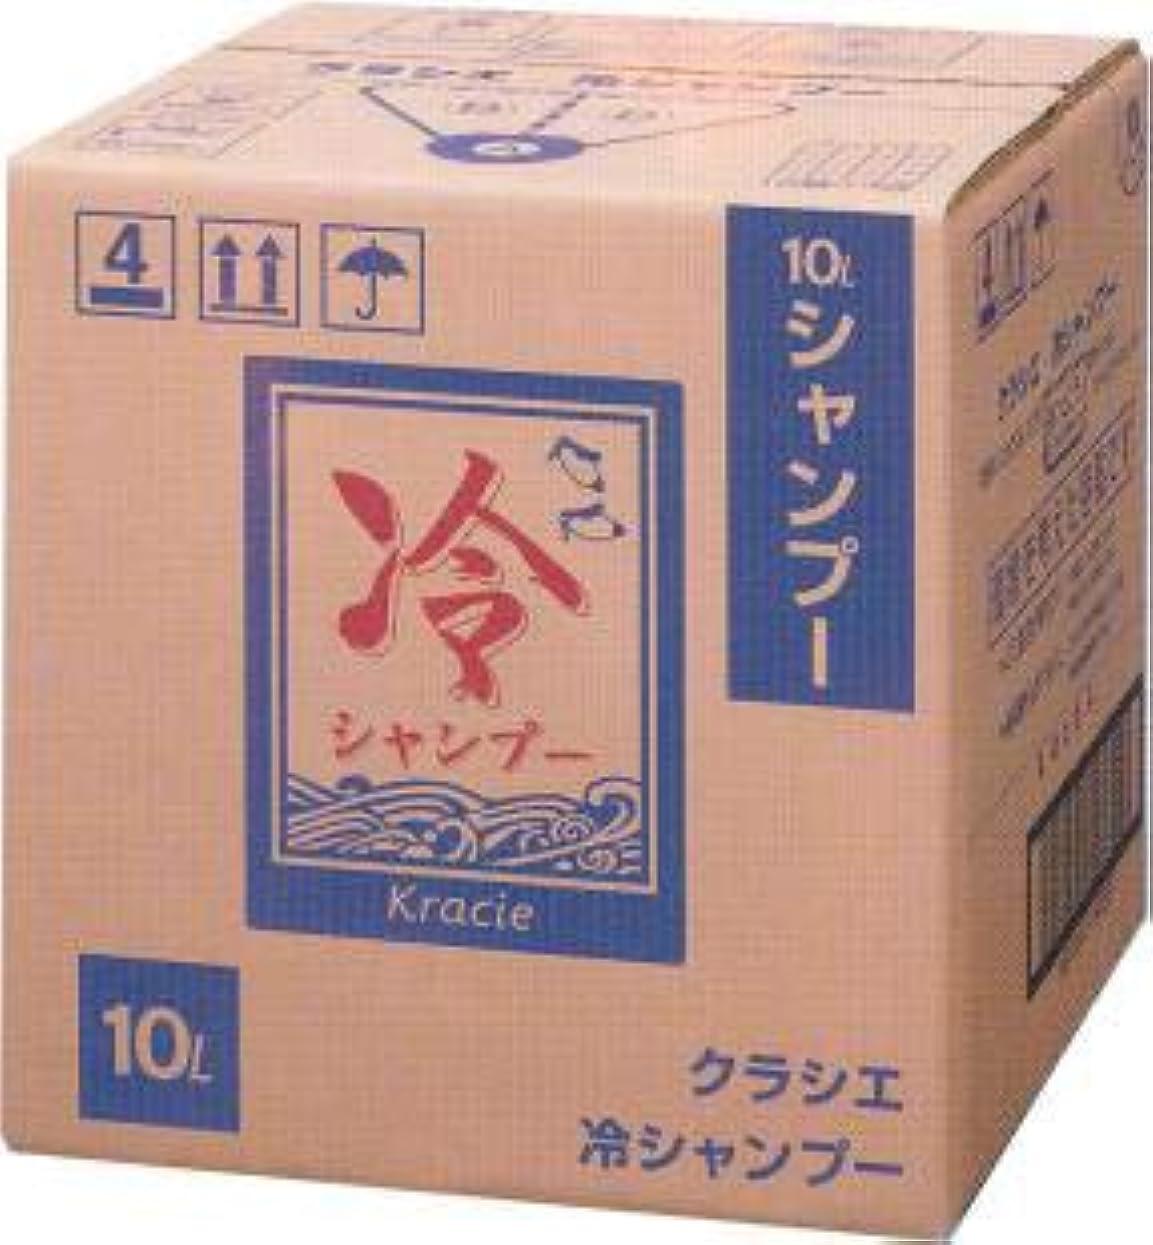 半径神社腫瘍kracie クラシエ 冷 シャンプー 10L 詰め替え 業務用